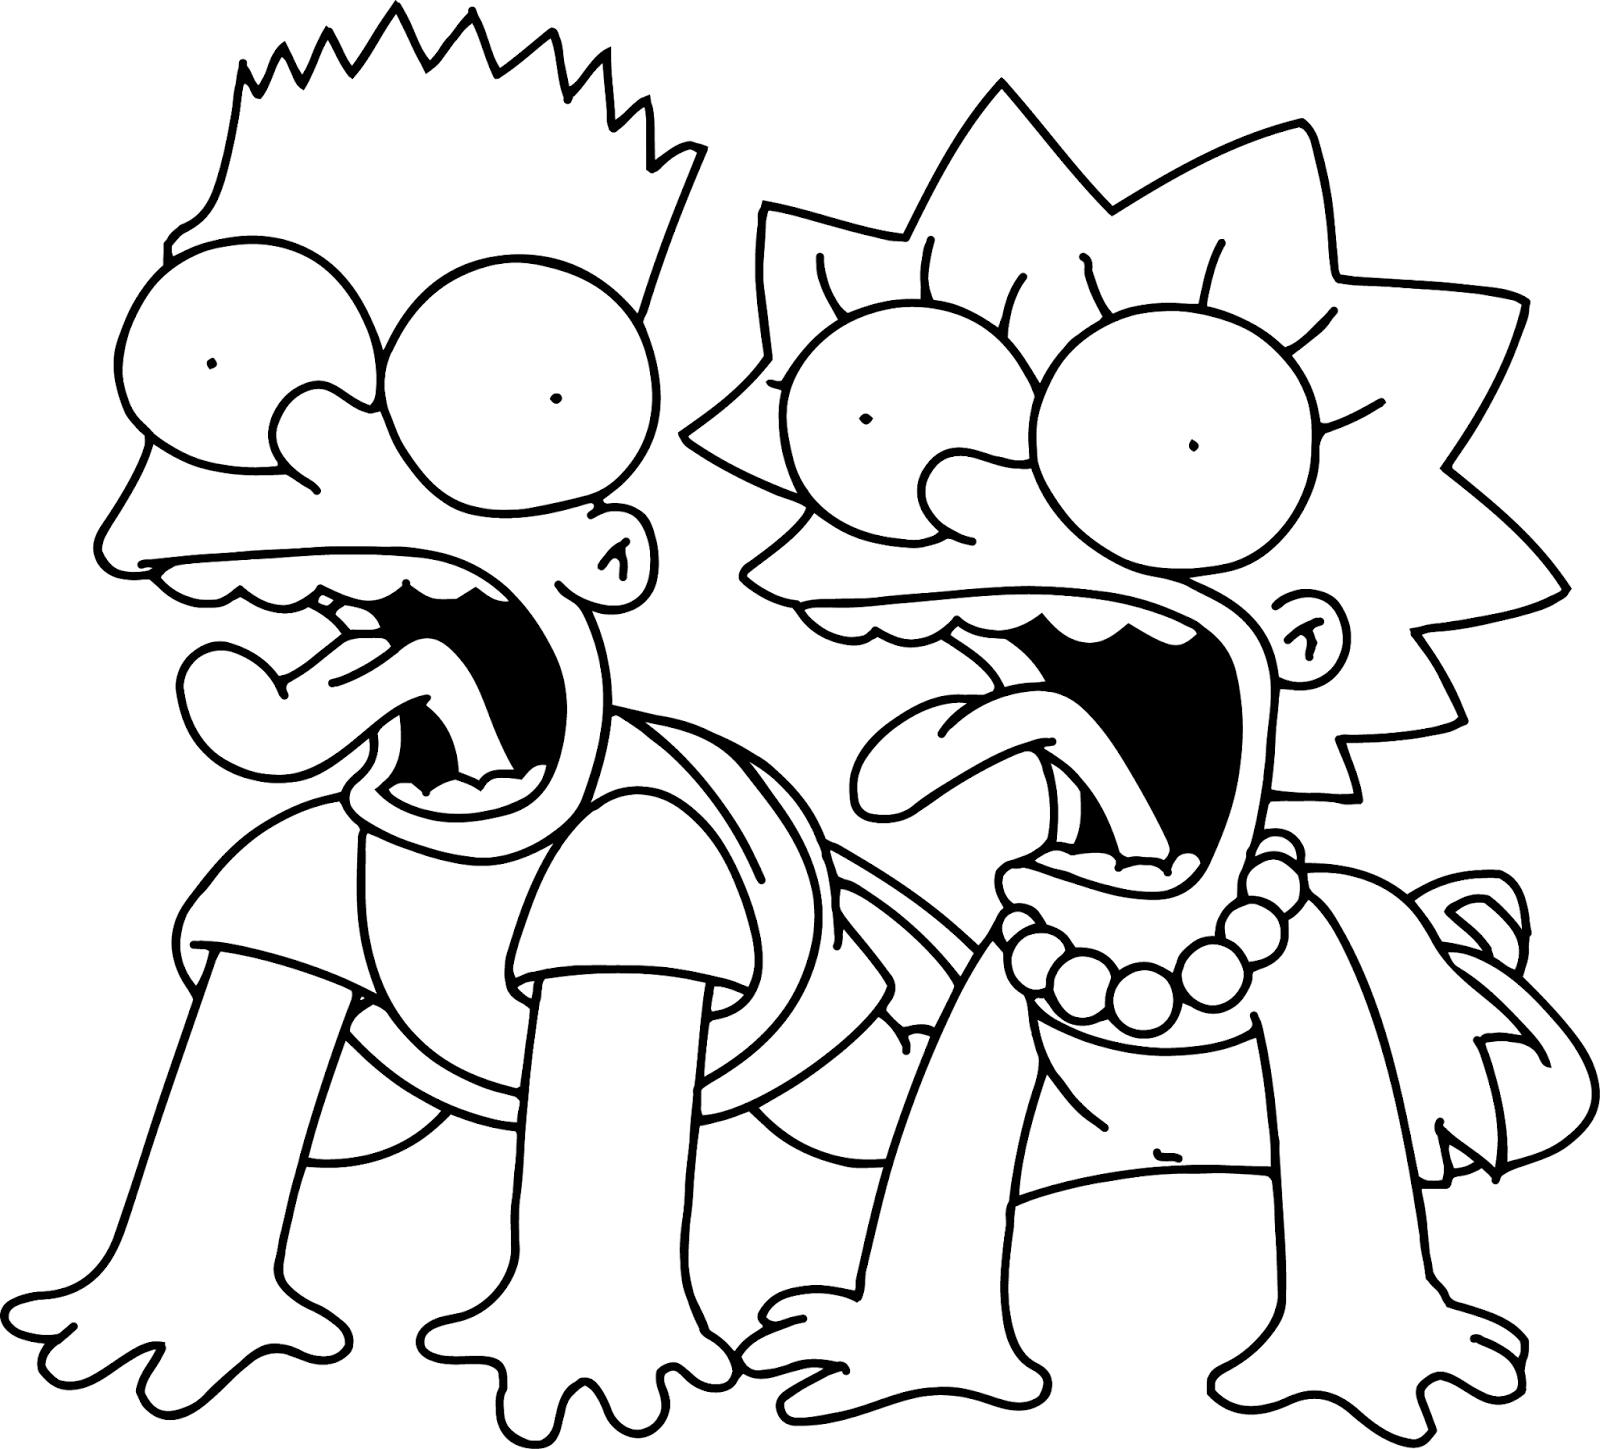 ▷ Simpsons: Ausmalbilder & Malvorlagen - 19% KOSTENLOS